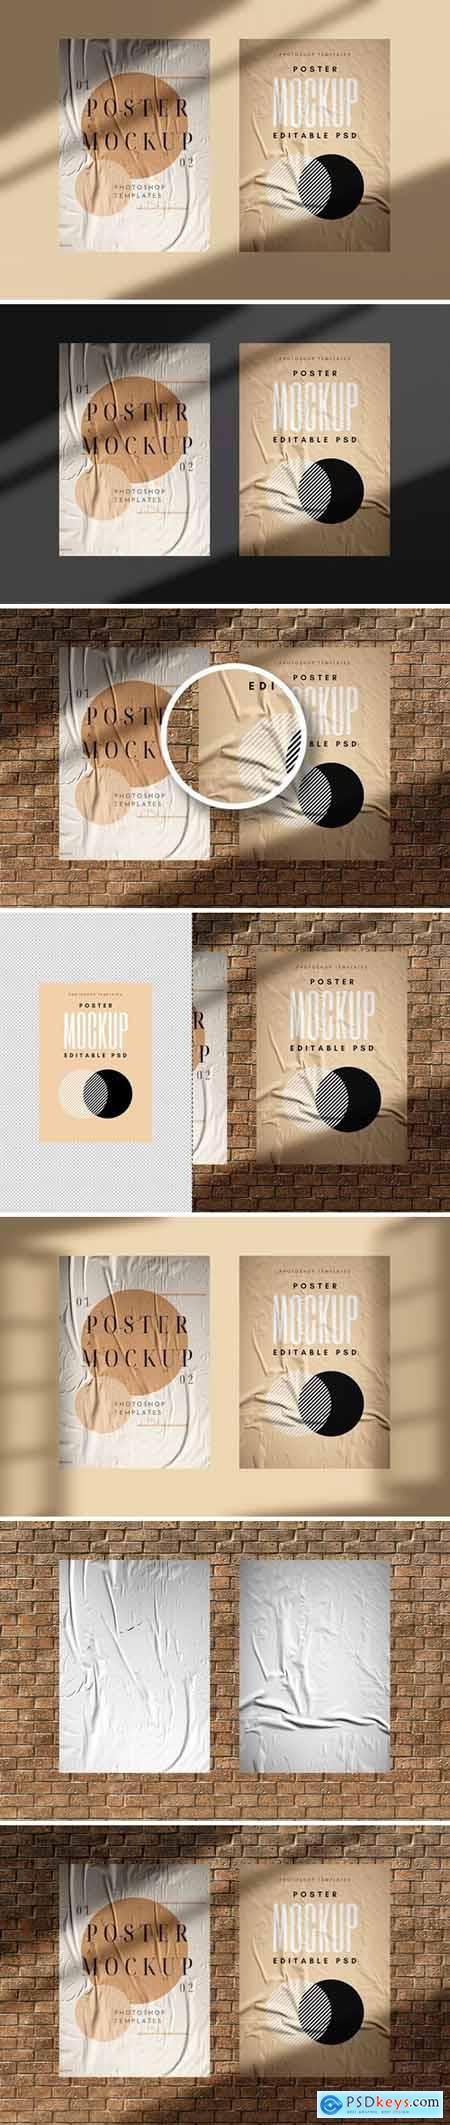 Wall Brick Poster Mockup